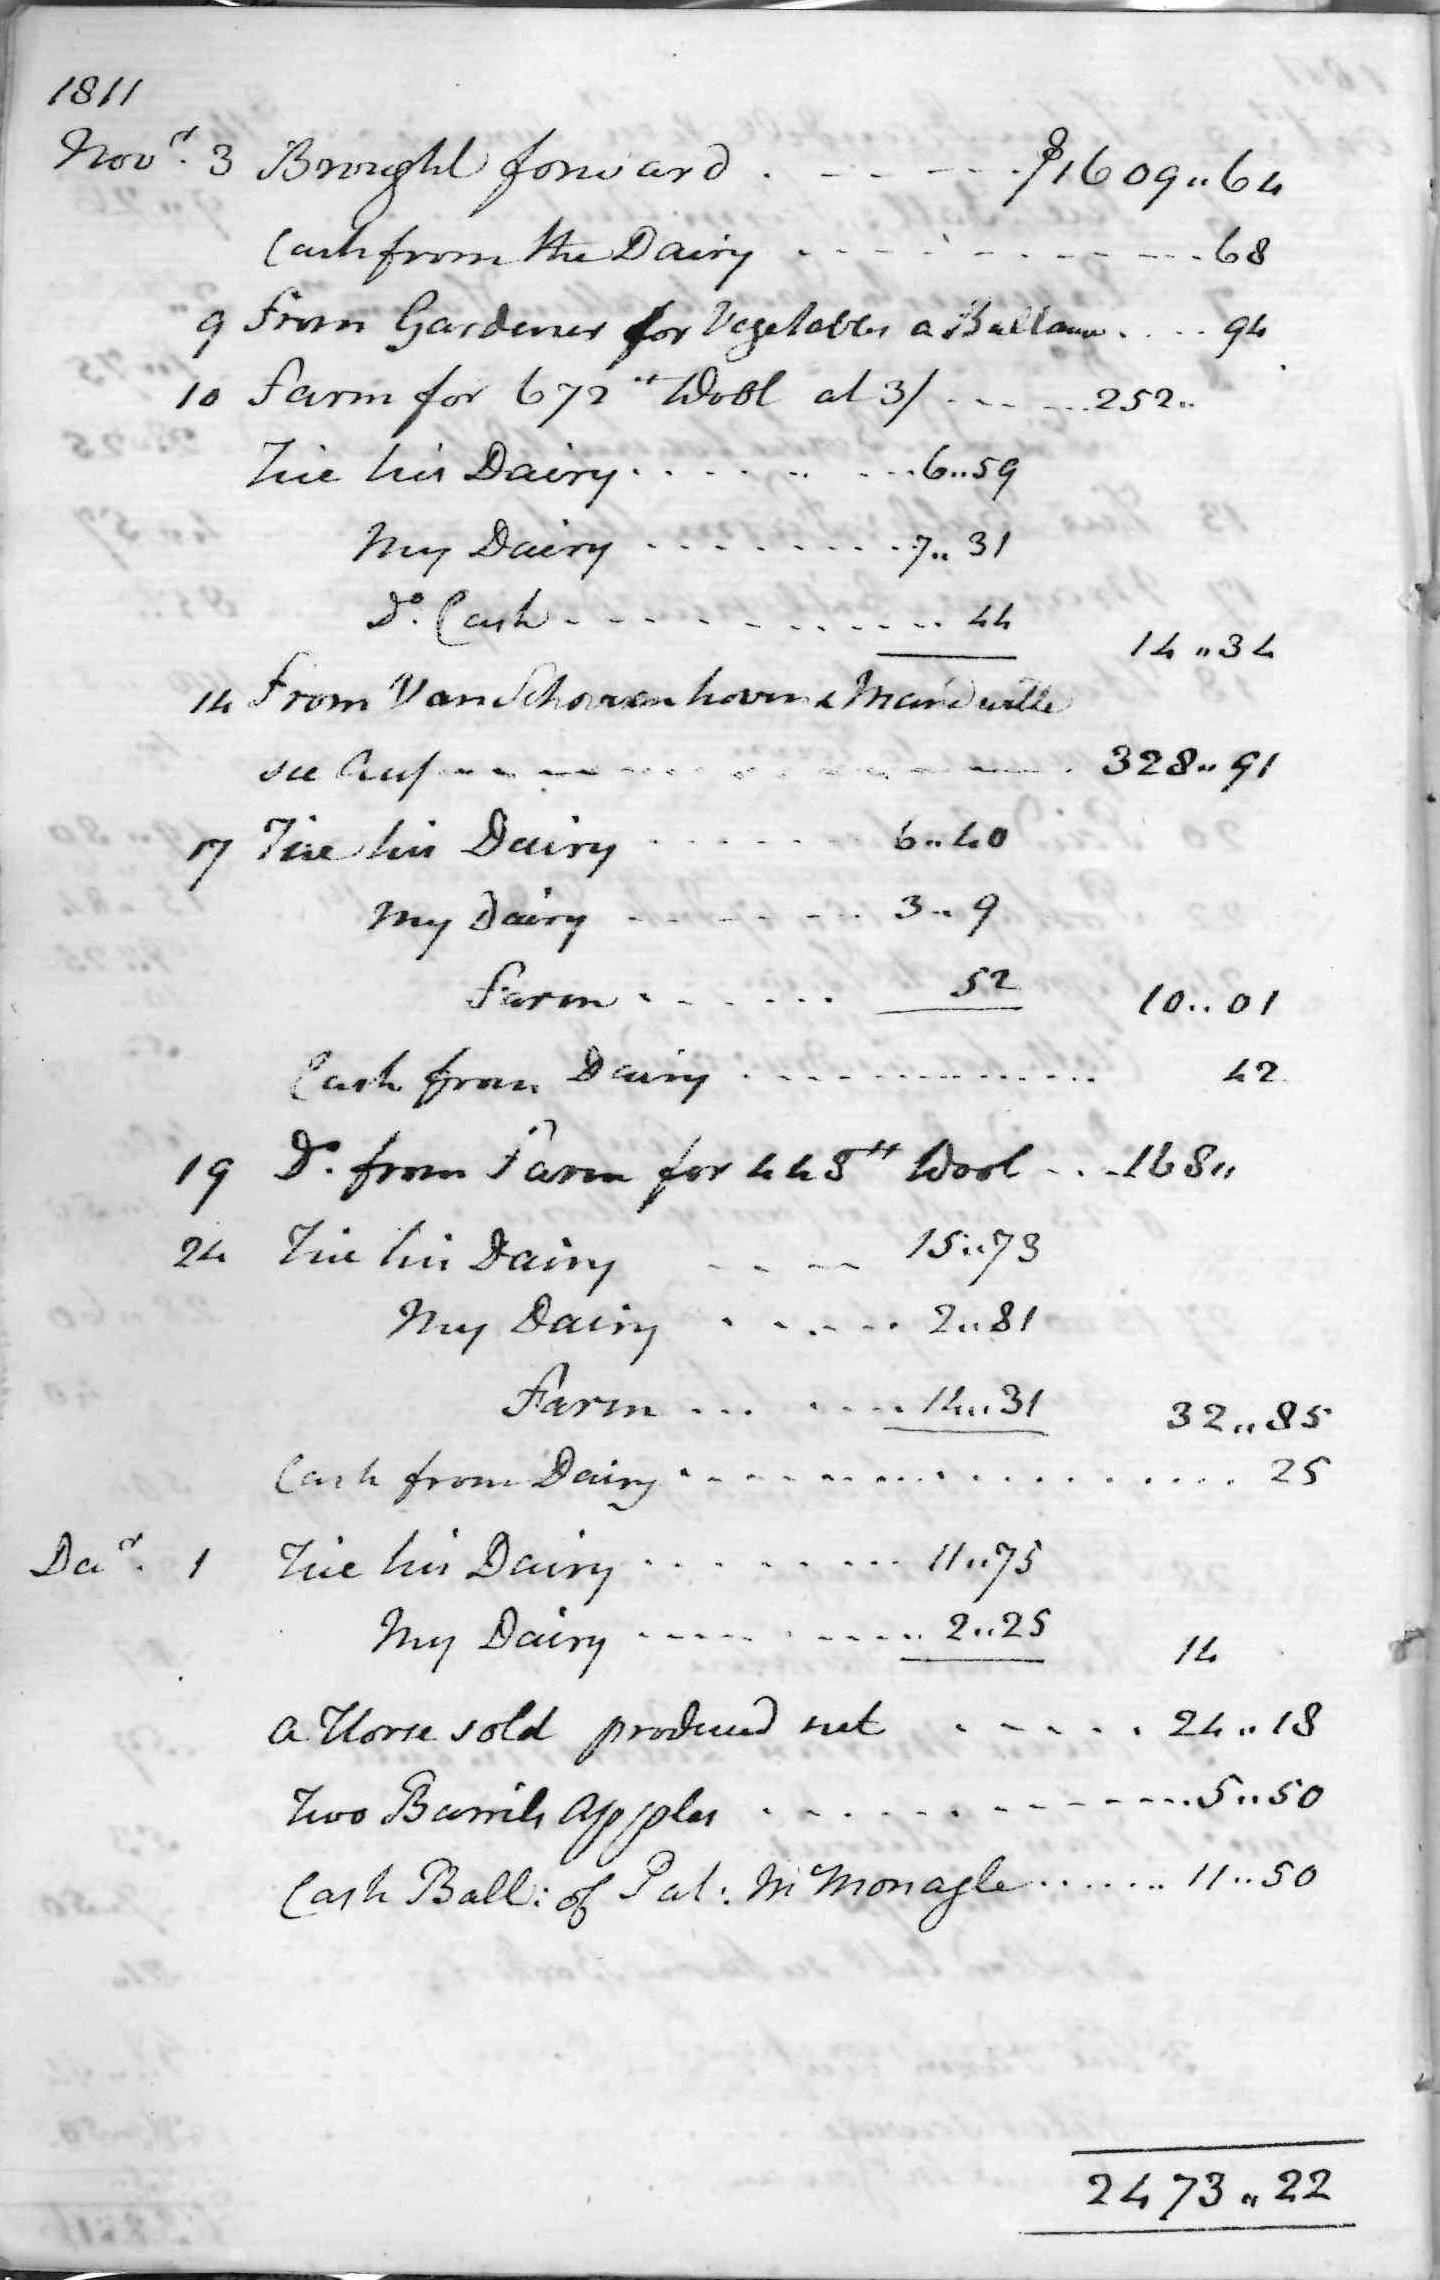 Gouverneur Morris Cash Book, folio 3, left side